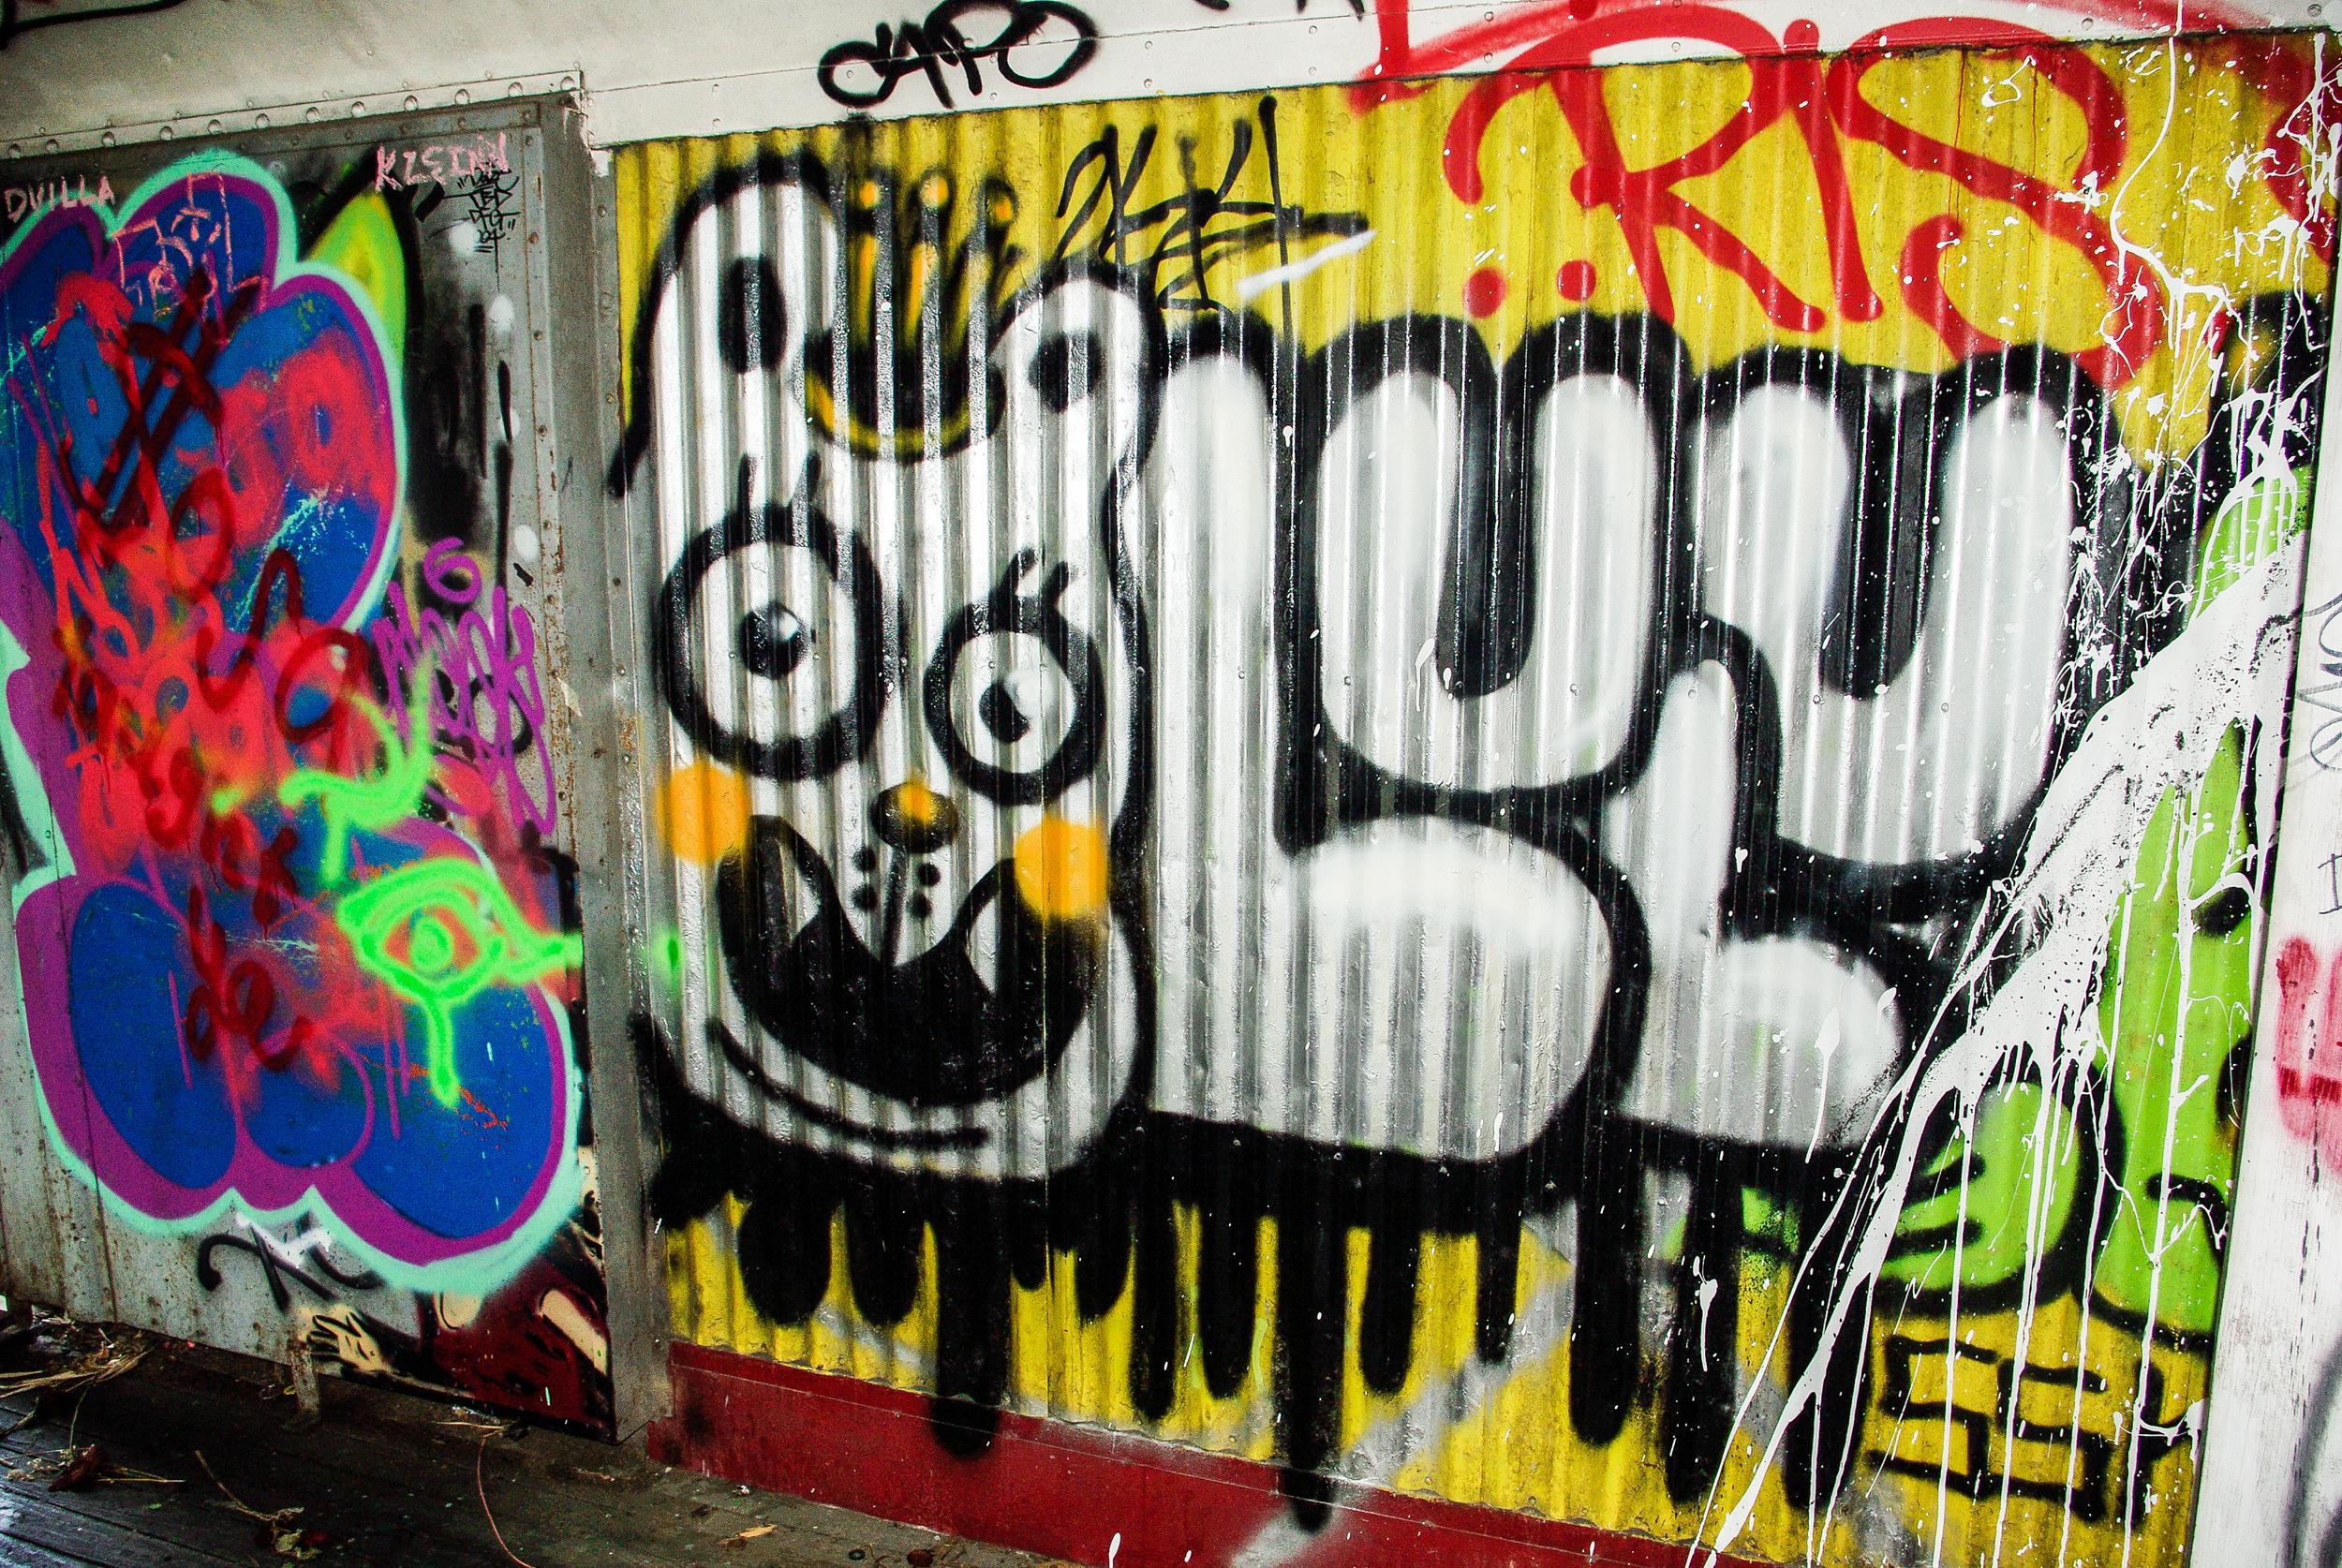 Abandoned Train Car Graffiti #5.jpg